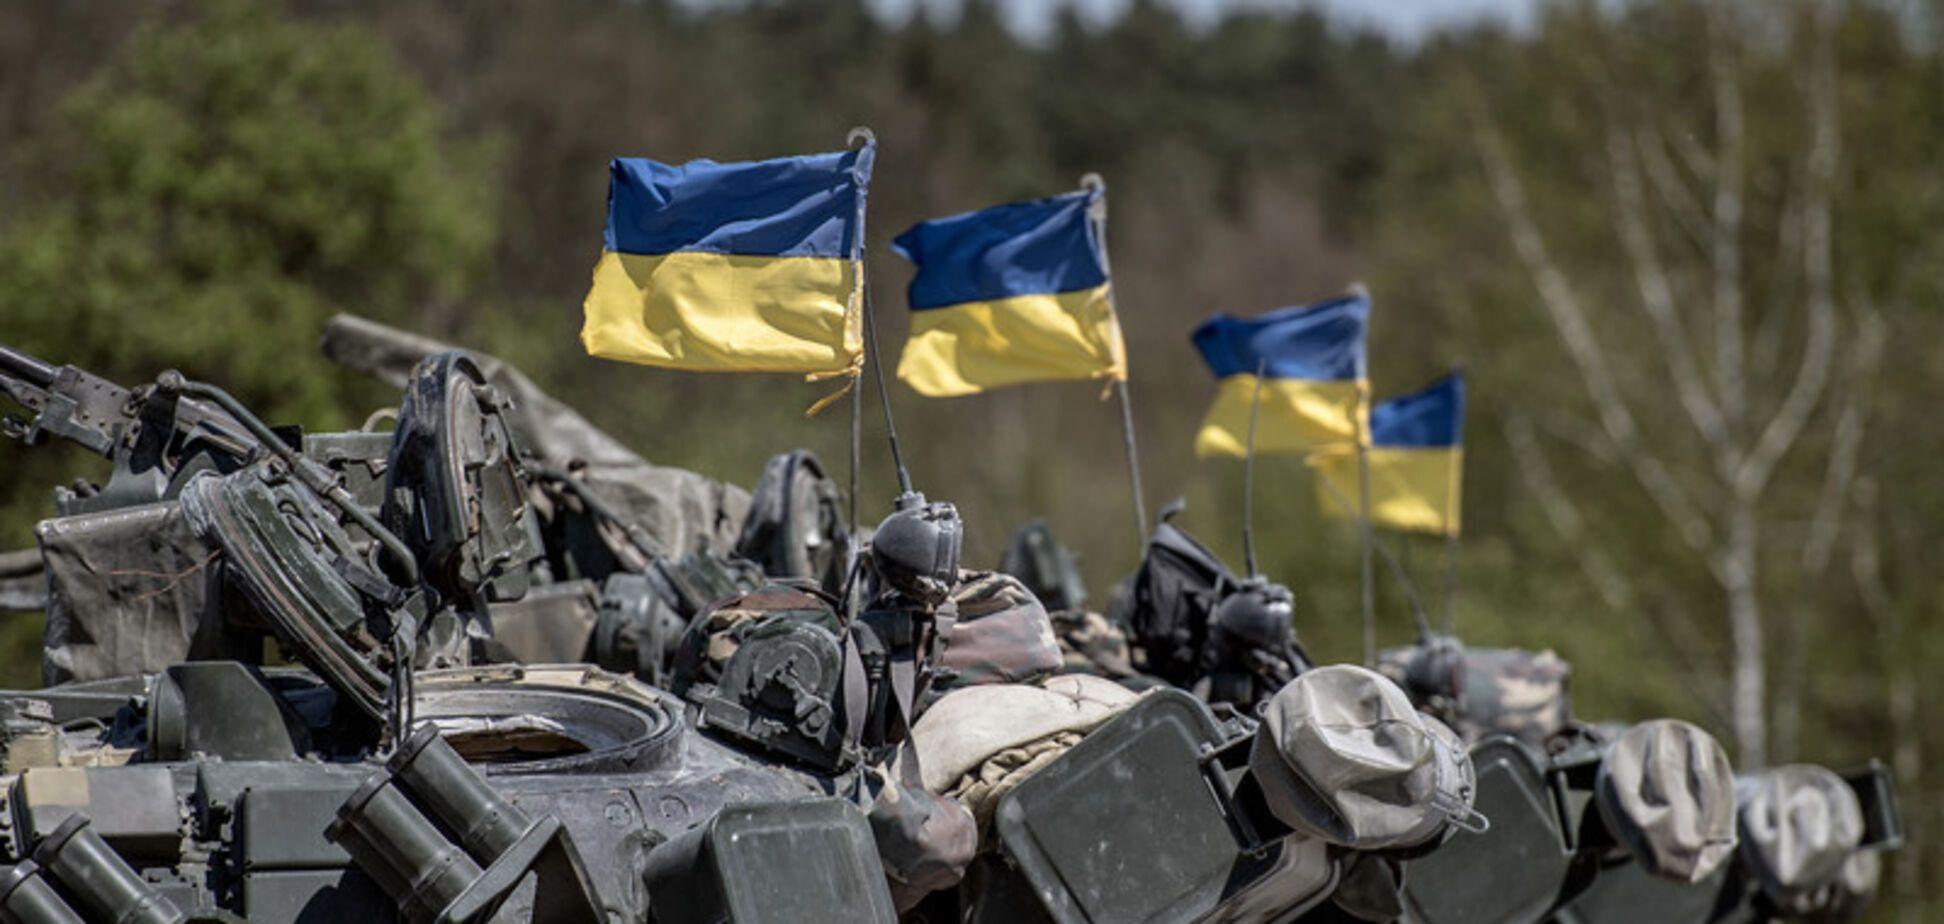 Уничтожены! Объединенные силы сообщили хорошие новости с Донбасса